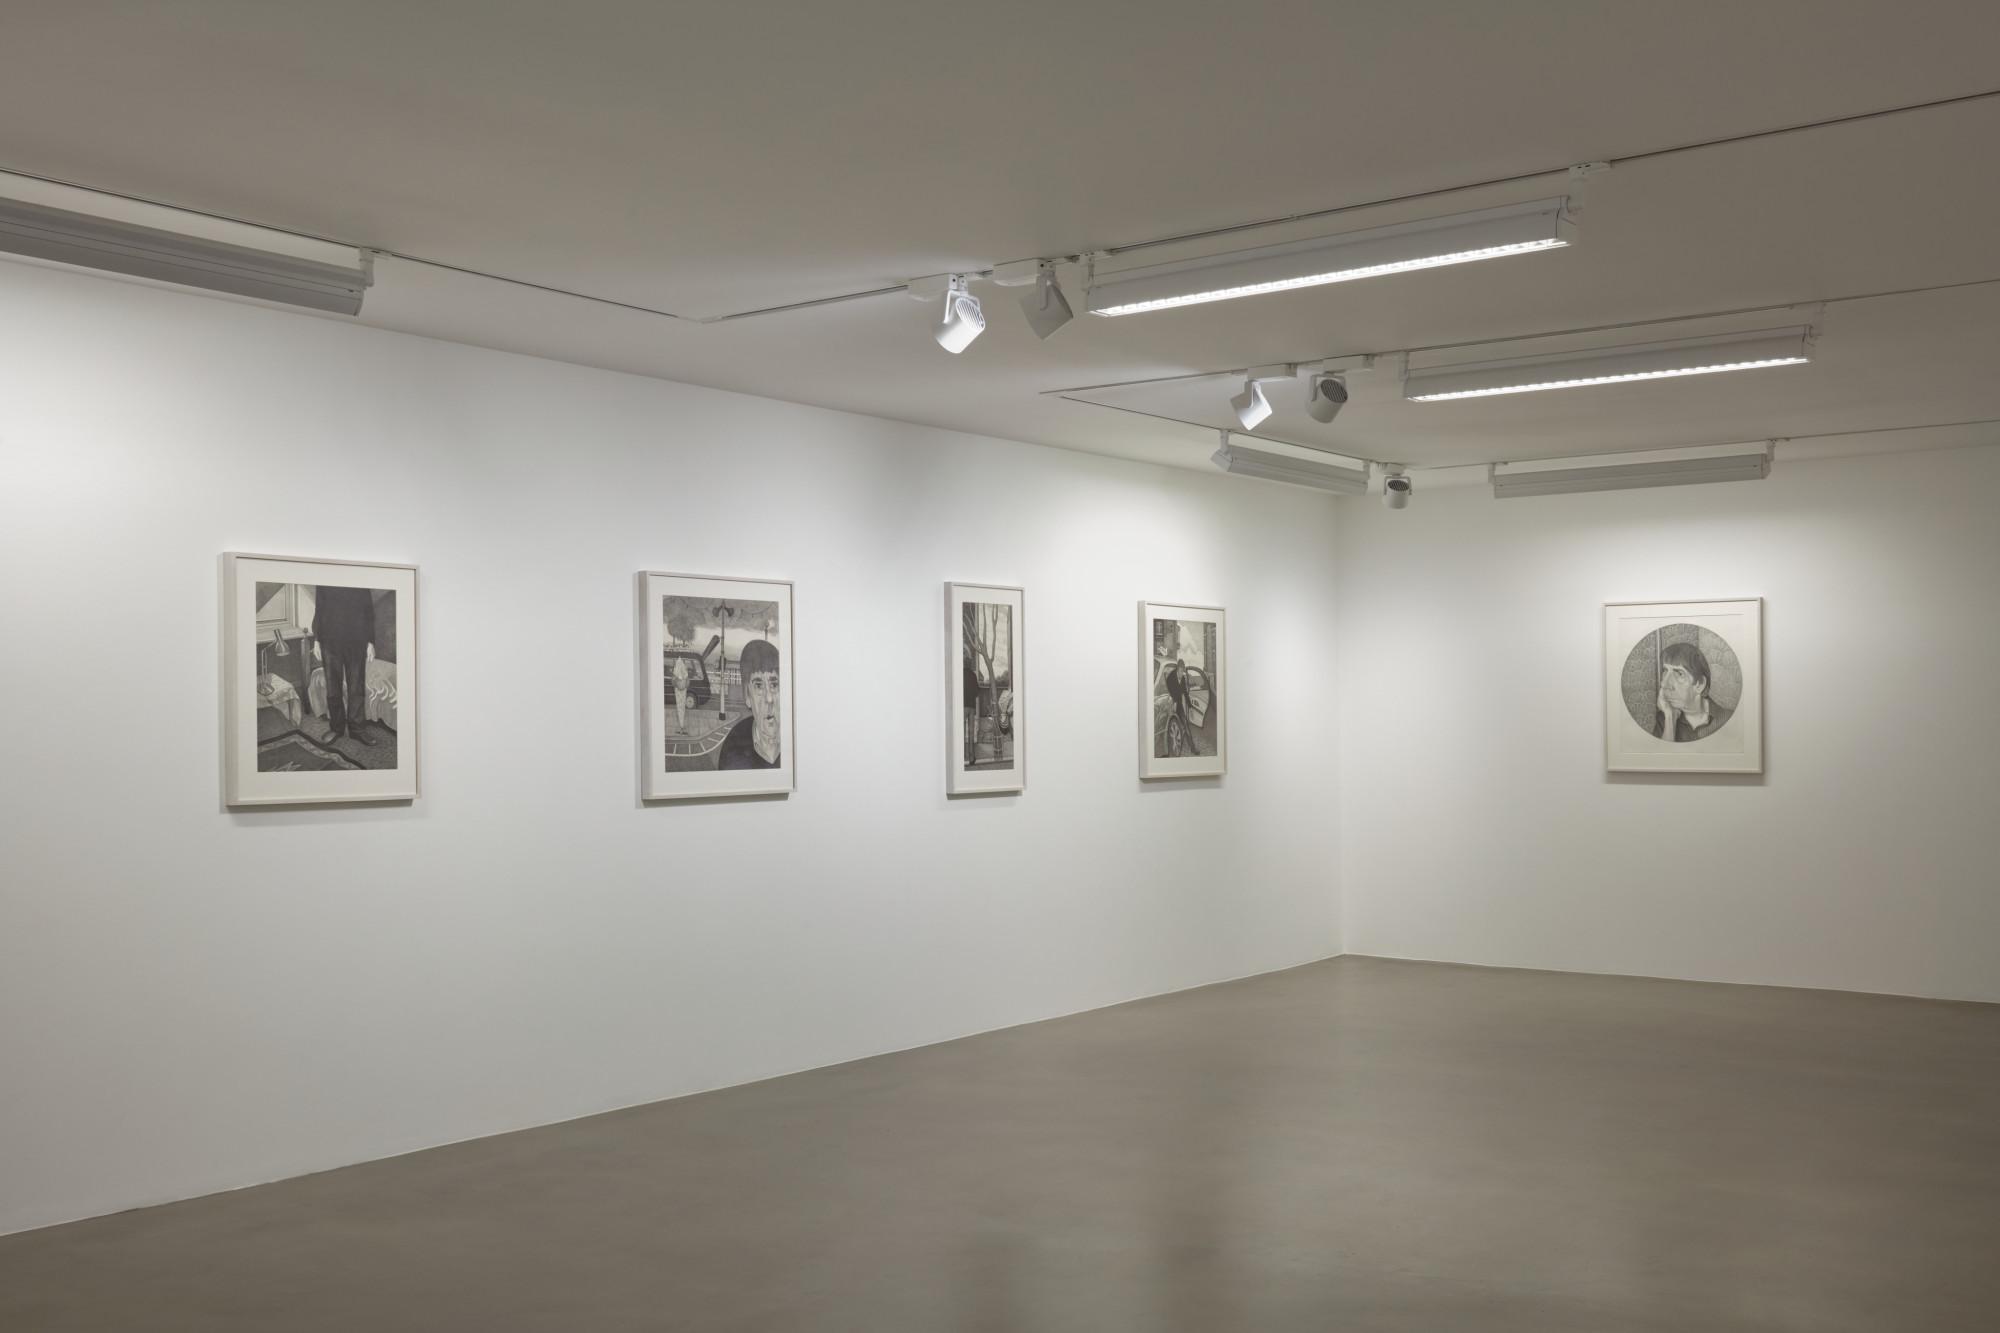 <p>Installation view, 2018<br />Photo: Robert Glowacki</p>